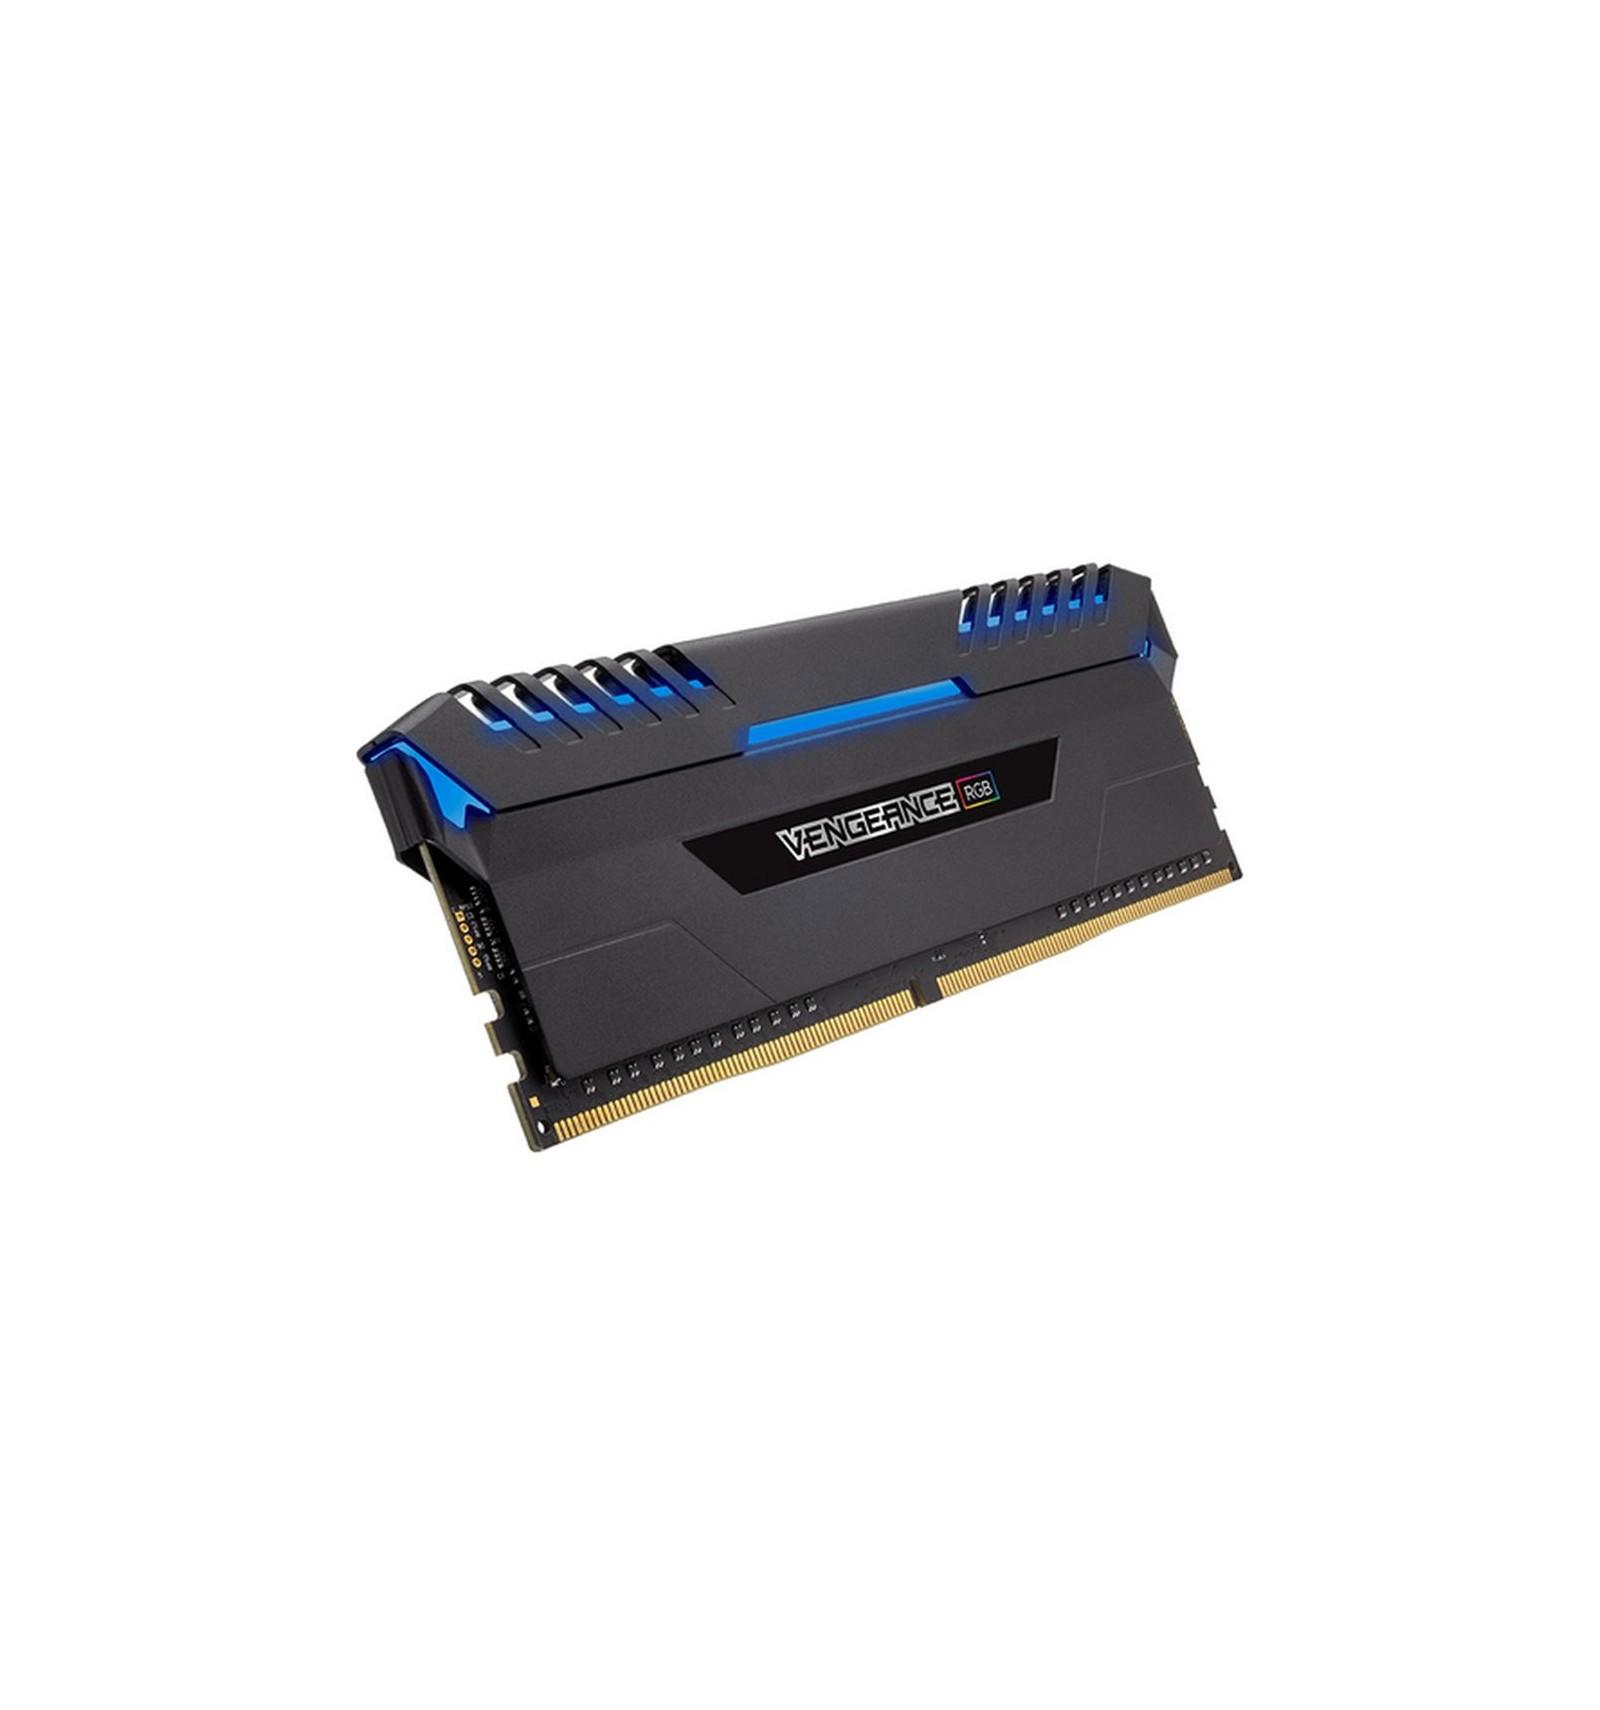 Corsair Vengeance Rgb Led 16gb 2x8gb Ddr4 300016gb Pc25600 32gb 2x16gb Cmu32gx4m2c3200c16r Red Memoria 3000 Computer